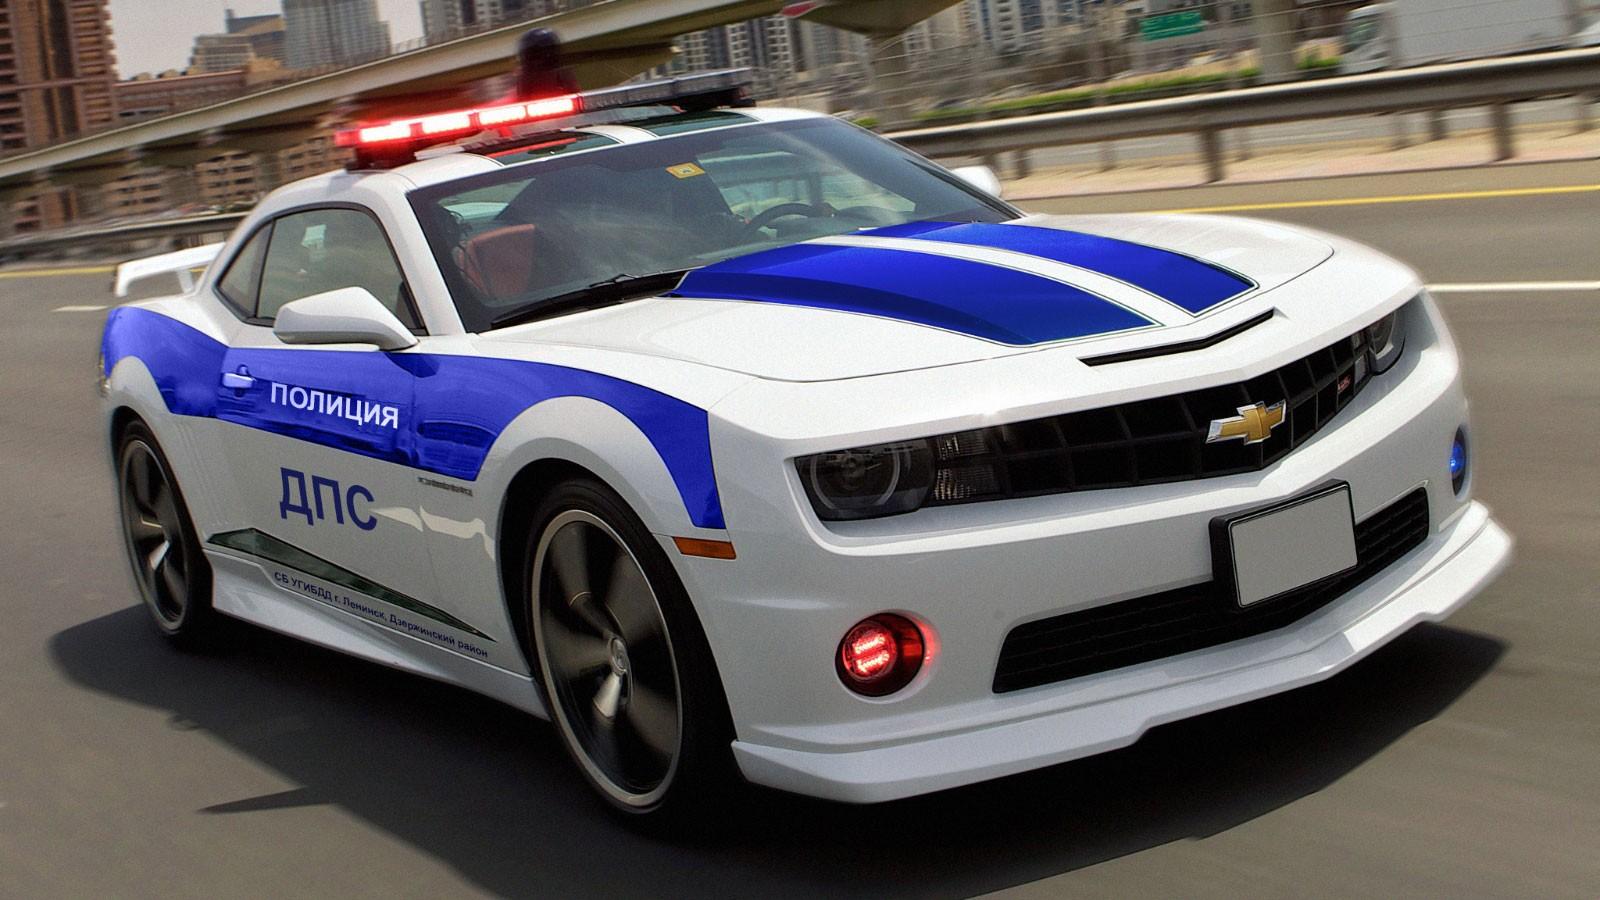 chevrolet_camaro_ss_police_joke